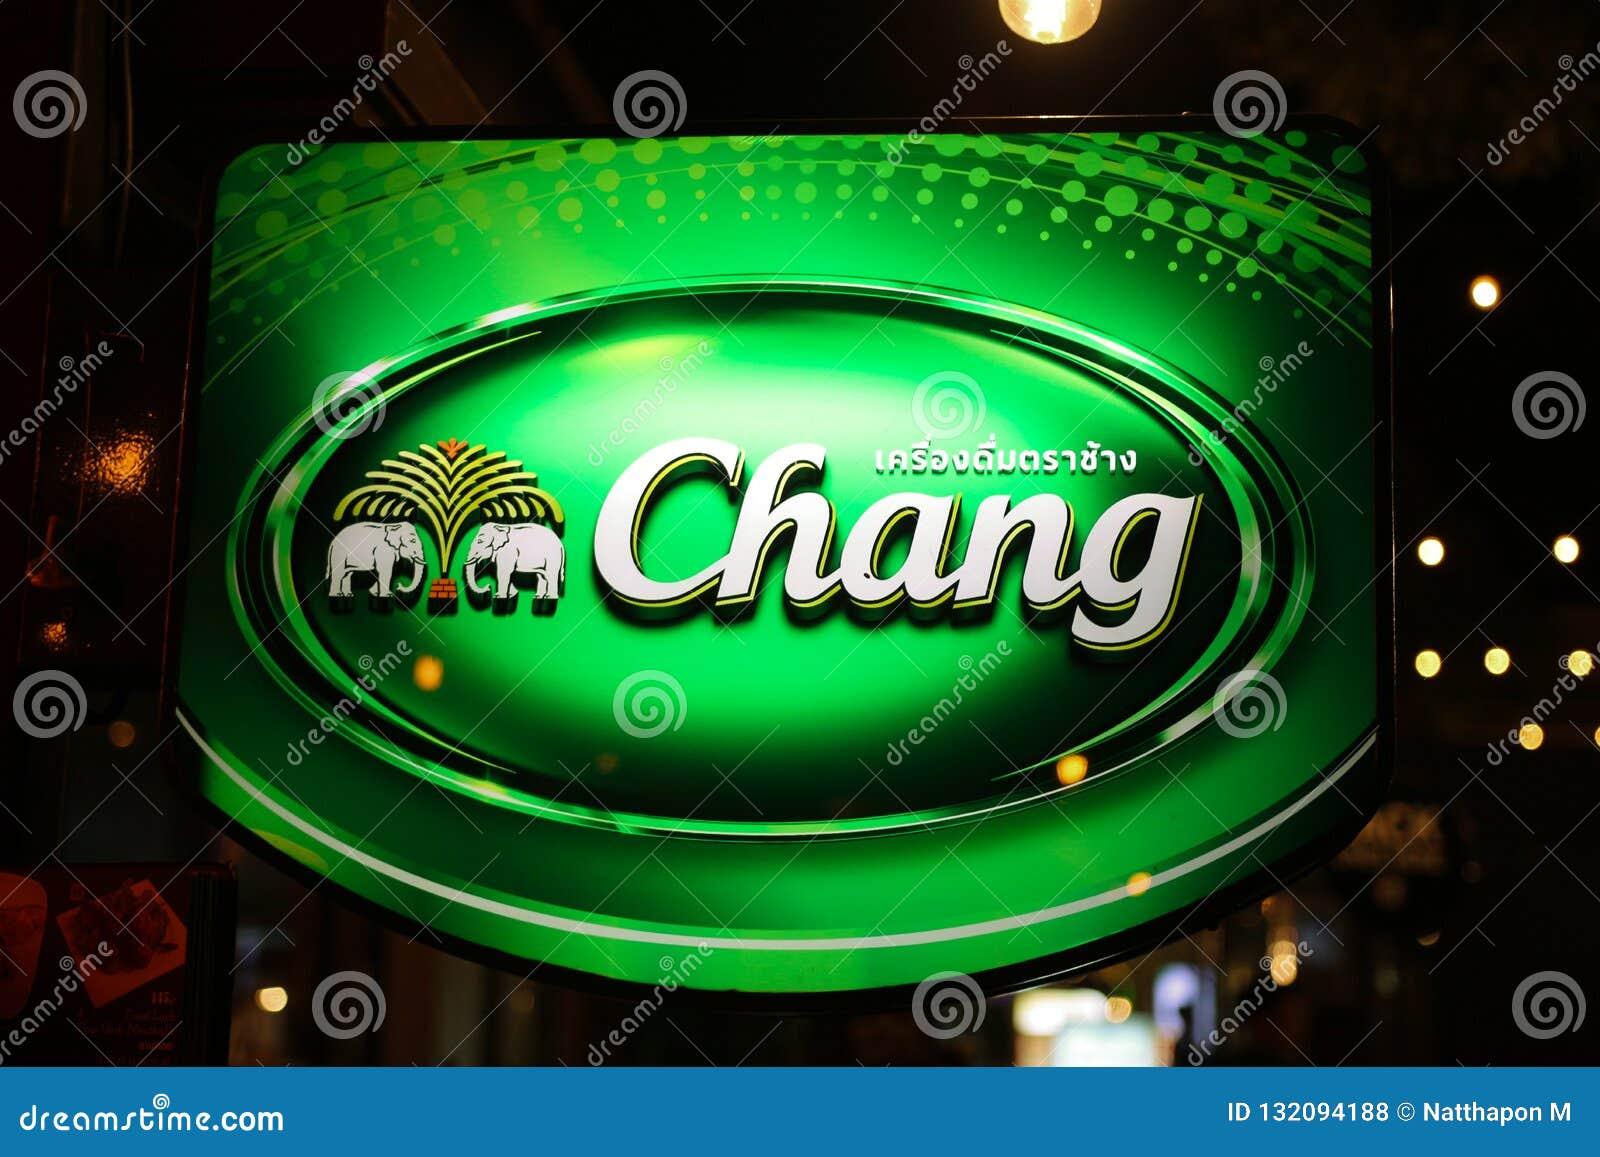 Бангкок, Таиланд 1/11/2018: Тайское пиво, логотип пива Chang на ярлыке